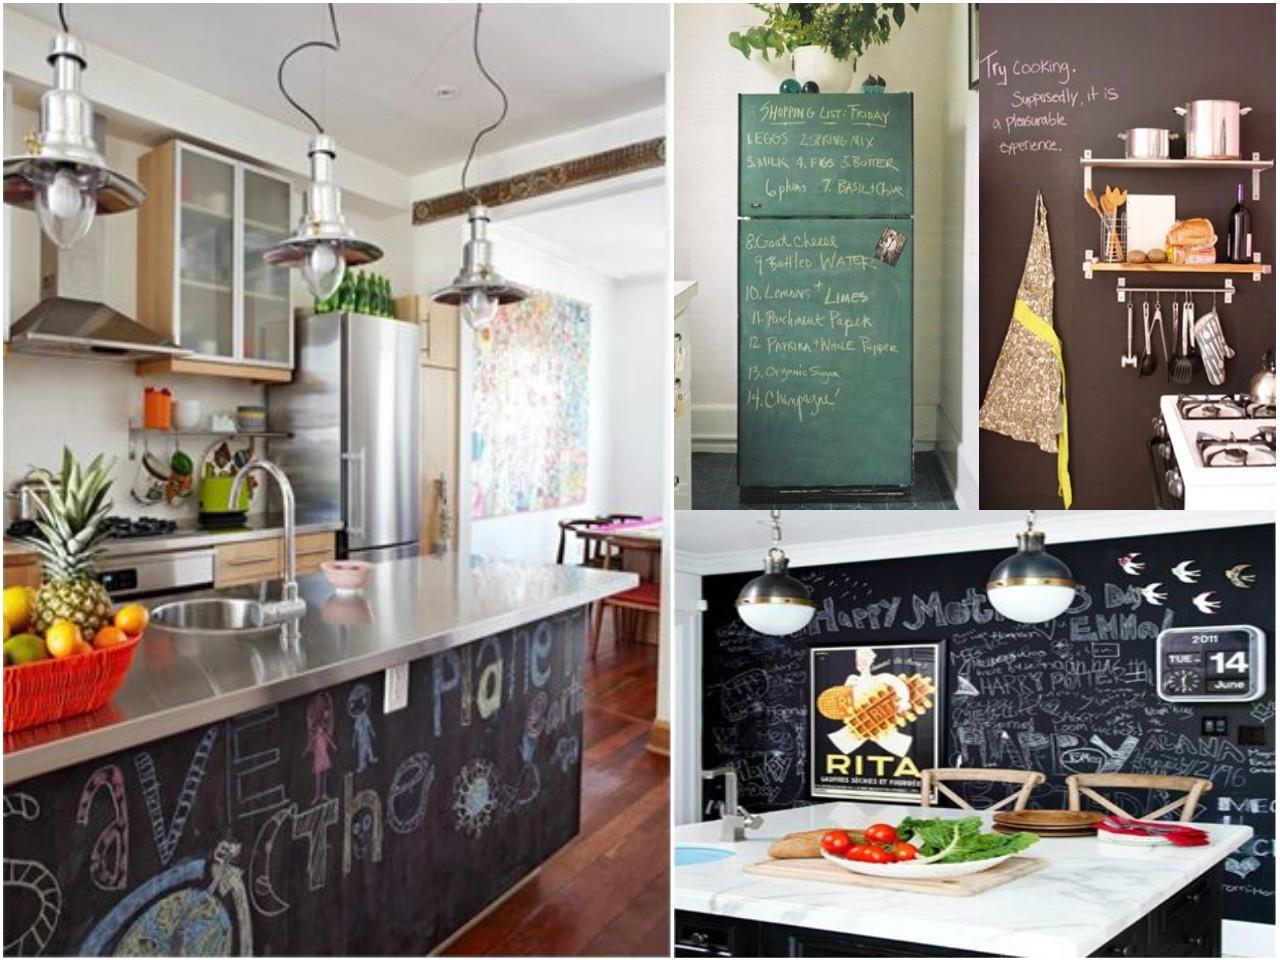 Las 6 mejores ideas de decoraci n con pizarras para casa - Pintura de pizarra para paredes ...